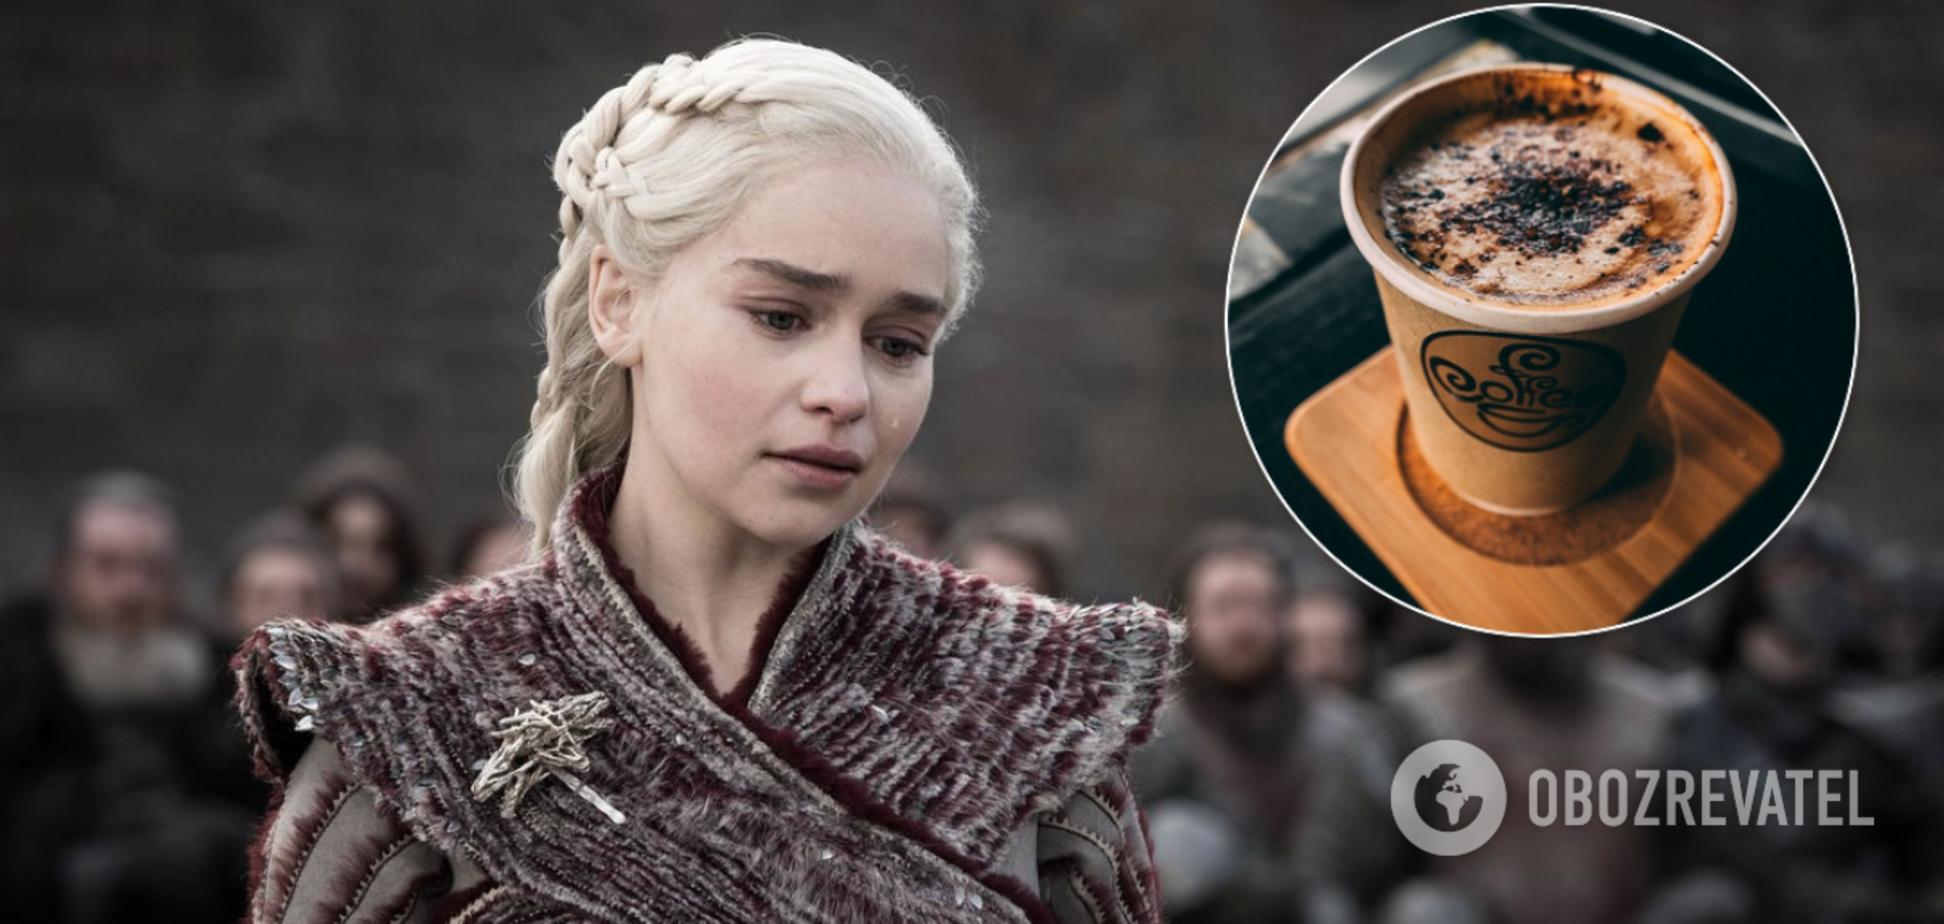 'Друзі', 'Гра престолів', 'Бріджертони': опубліковано найбільш недоладні кіноляпи у відомих серіалах